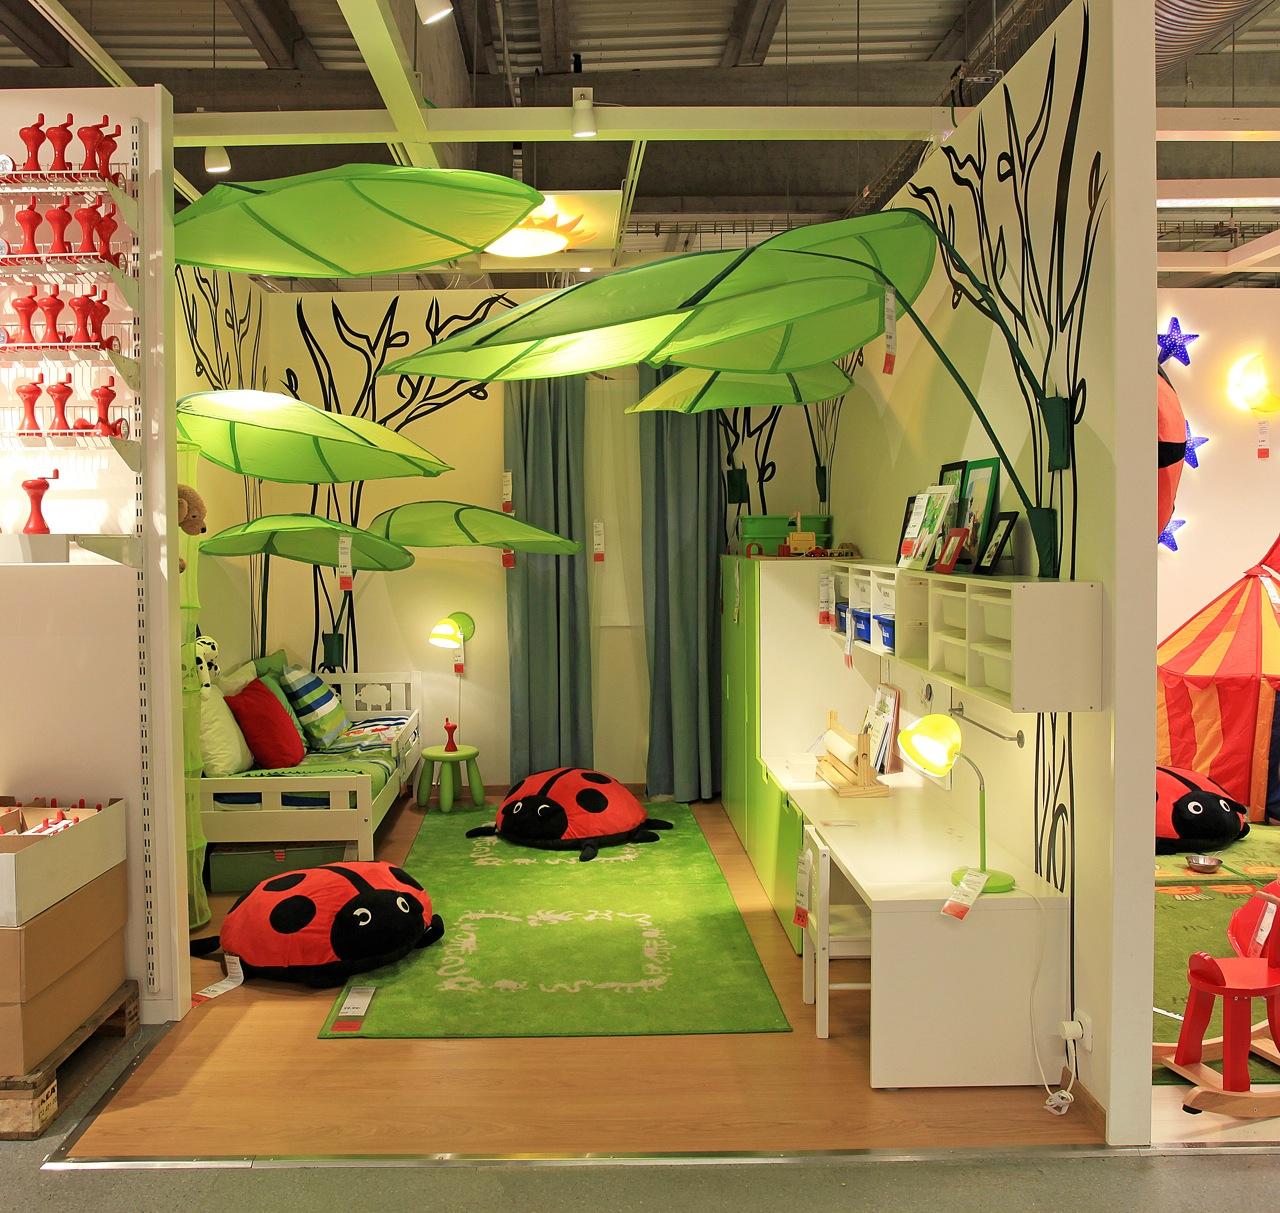 Tiendas de decoraci n infantil imprescindibles mellimama - Habitaciones ninos ikea ...